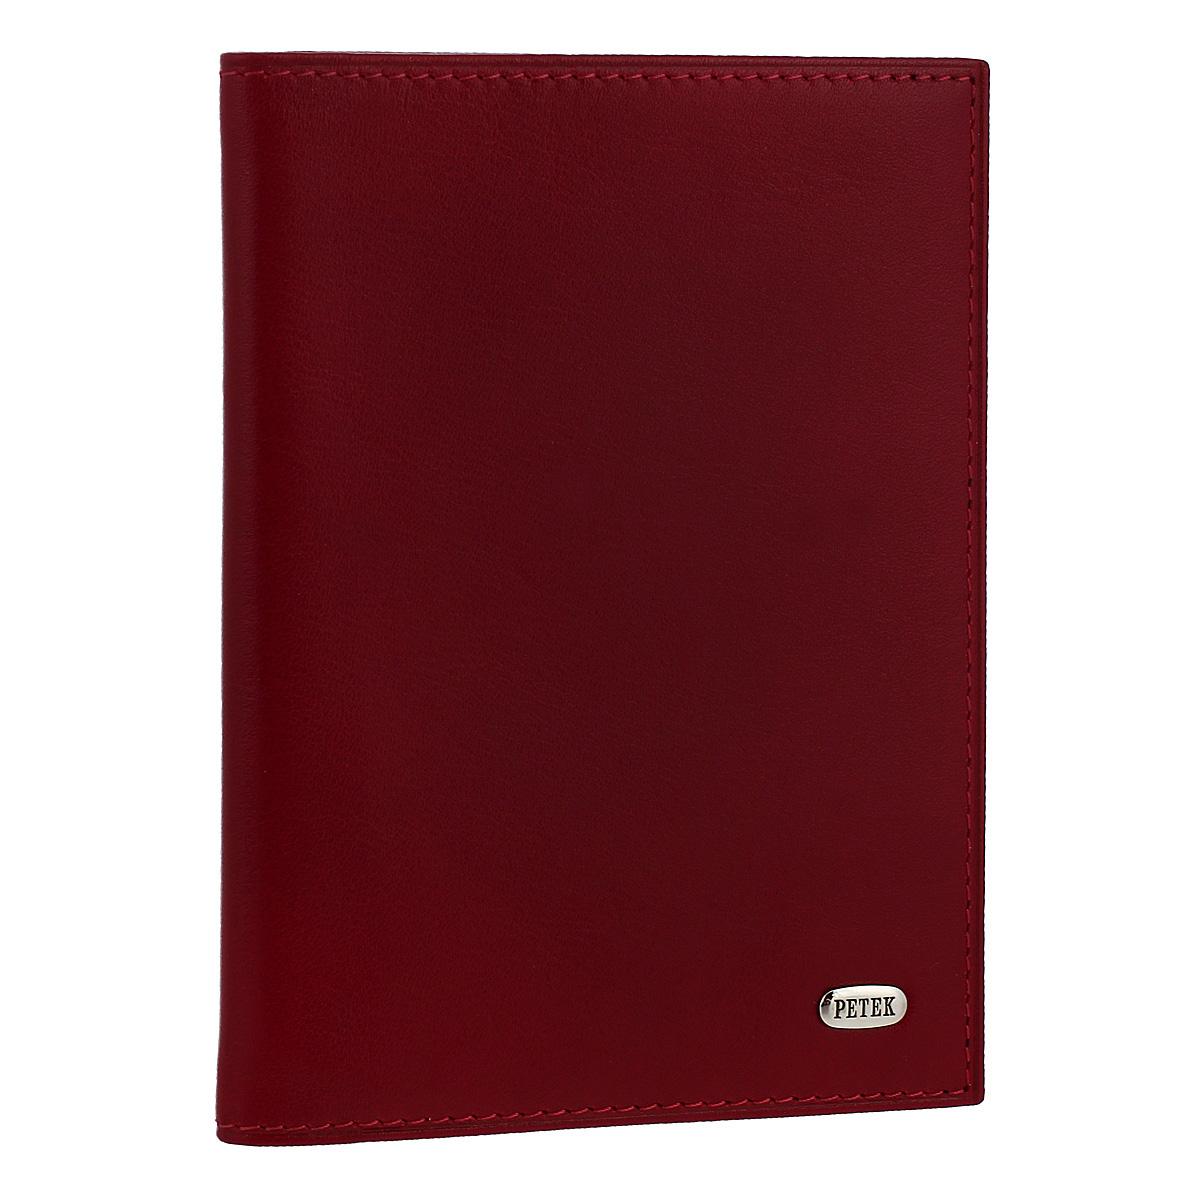 Обложка для паспорта и портмоне мужское Red, цвет: красный. 597.4000.100132 3-01.49/33Обложка для паспорта и портмоне мужское Red не только поможет сохранить внешний вид ваших документов и защитить их от повреждений, но и станет стильным аксессуаром, идеально подходящим вашему образу. Обложка выполнена из натуральной кожи. На внутреннем развороте имеются два отделения для купюр, два прозрачных кармана из мягкого пластика, пять кармашков для пластиковых карт, один вертикальный карман и два дополнительных кармашка для бумаг.Упакована в фирменную картонную коробку. Такая обложка станет замечательным подарком человеку, ценящему качественные и практичные вещи. Характеристики:Материал:натуральная кожа, текстиль, пластик. Размер обложки (в сложенном виде): 10,5 см х 13,5 см х 1,5 см. Цвет: красный. Размер упаковки: 11,5 см х 15 см х 2,5 см. Артикул: 597.4000.10.